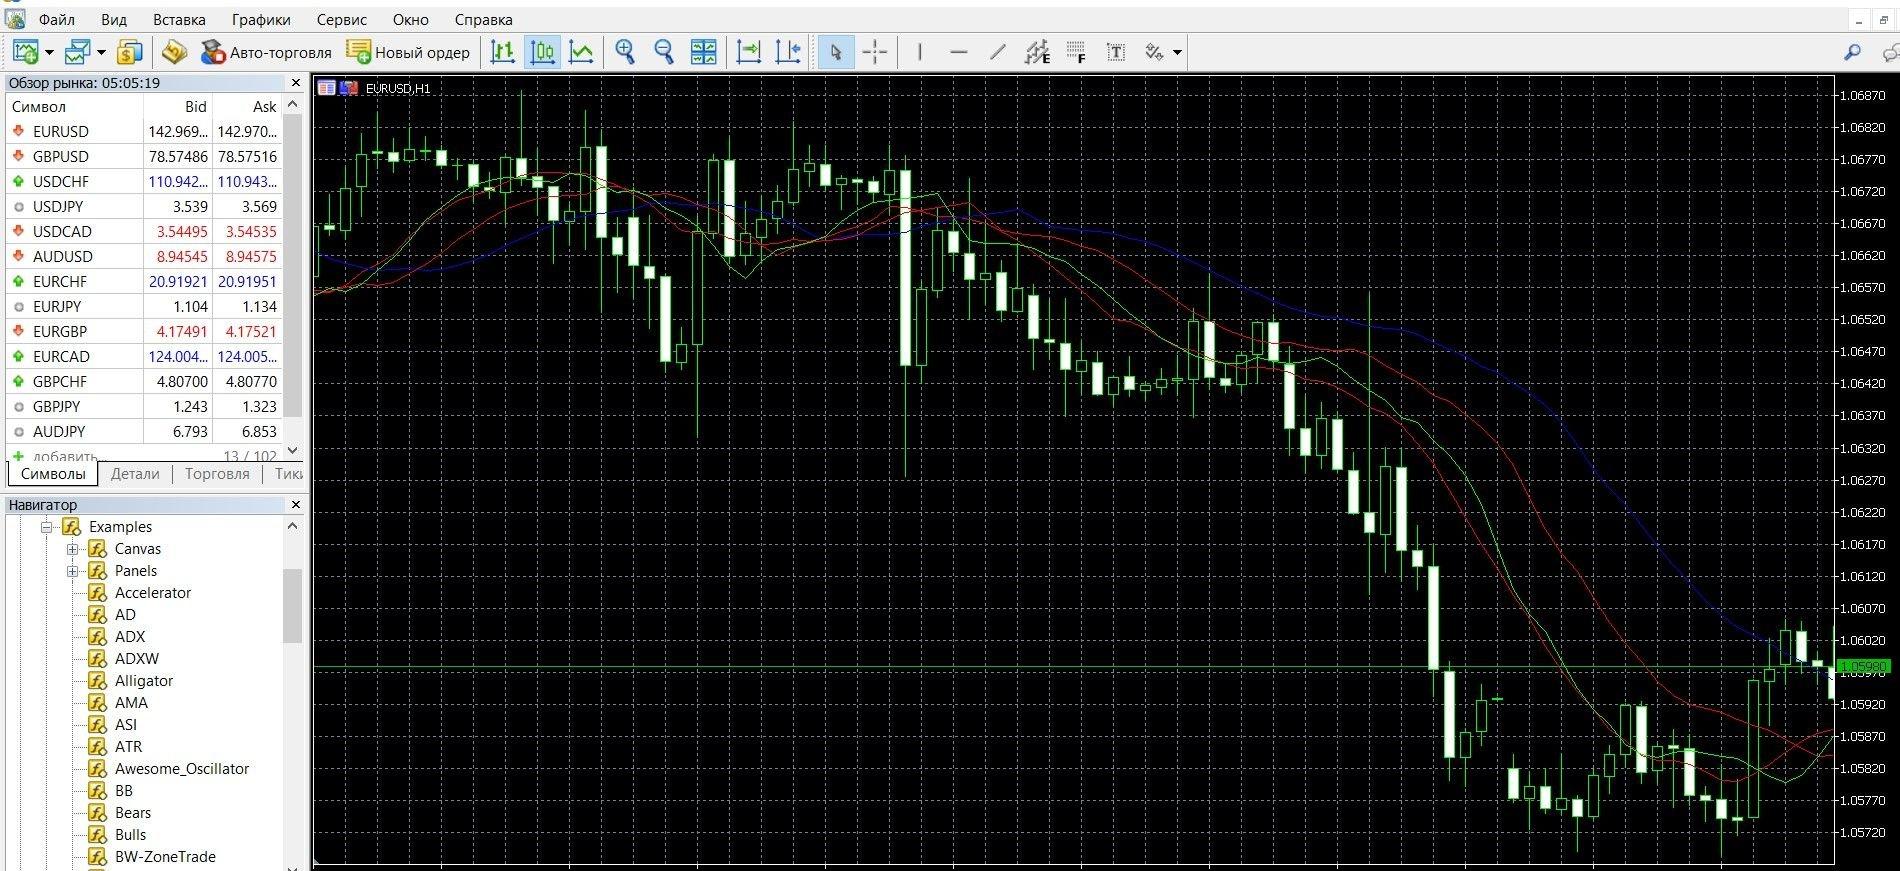 Происходит коррекция цены и разворот рынка